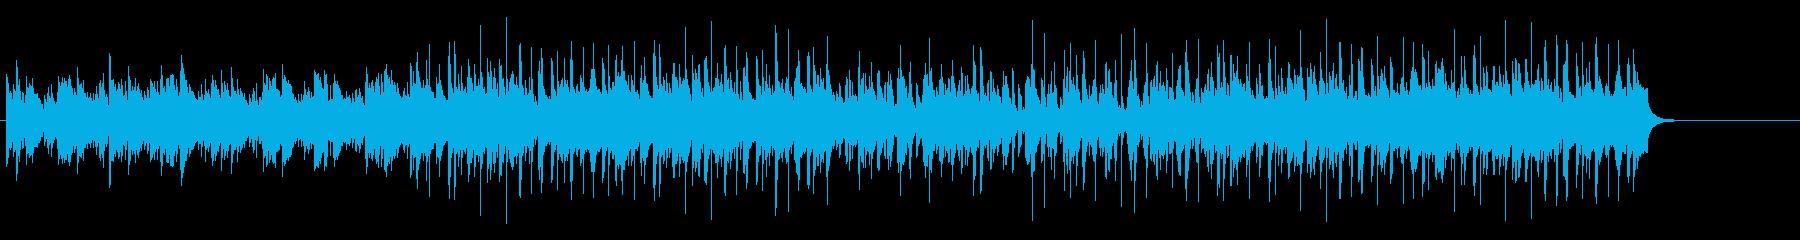 爽やかナチュラルアコースティックサウンドの再生済みの波形